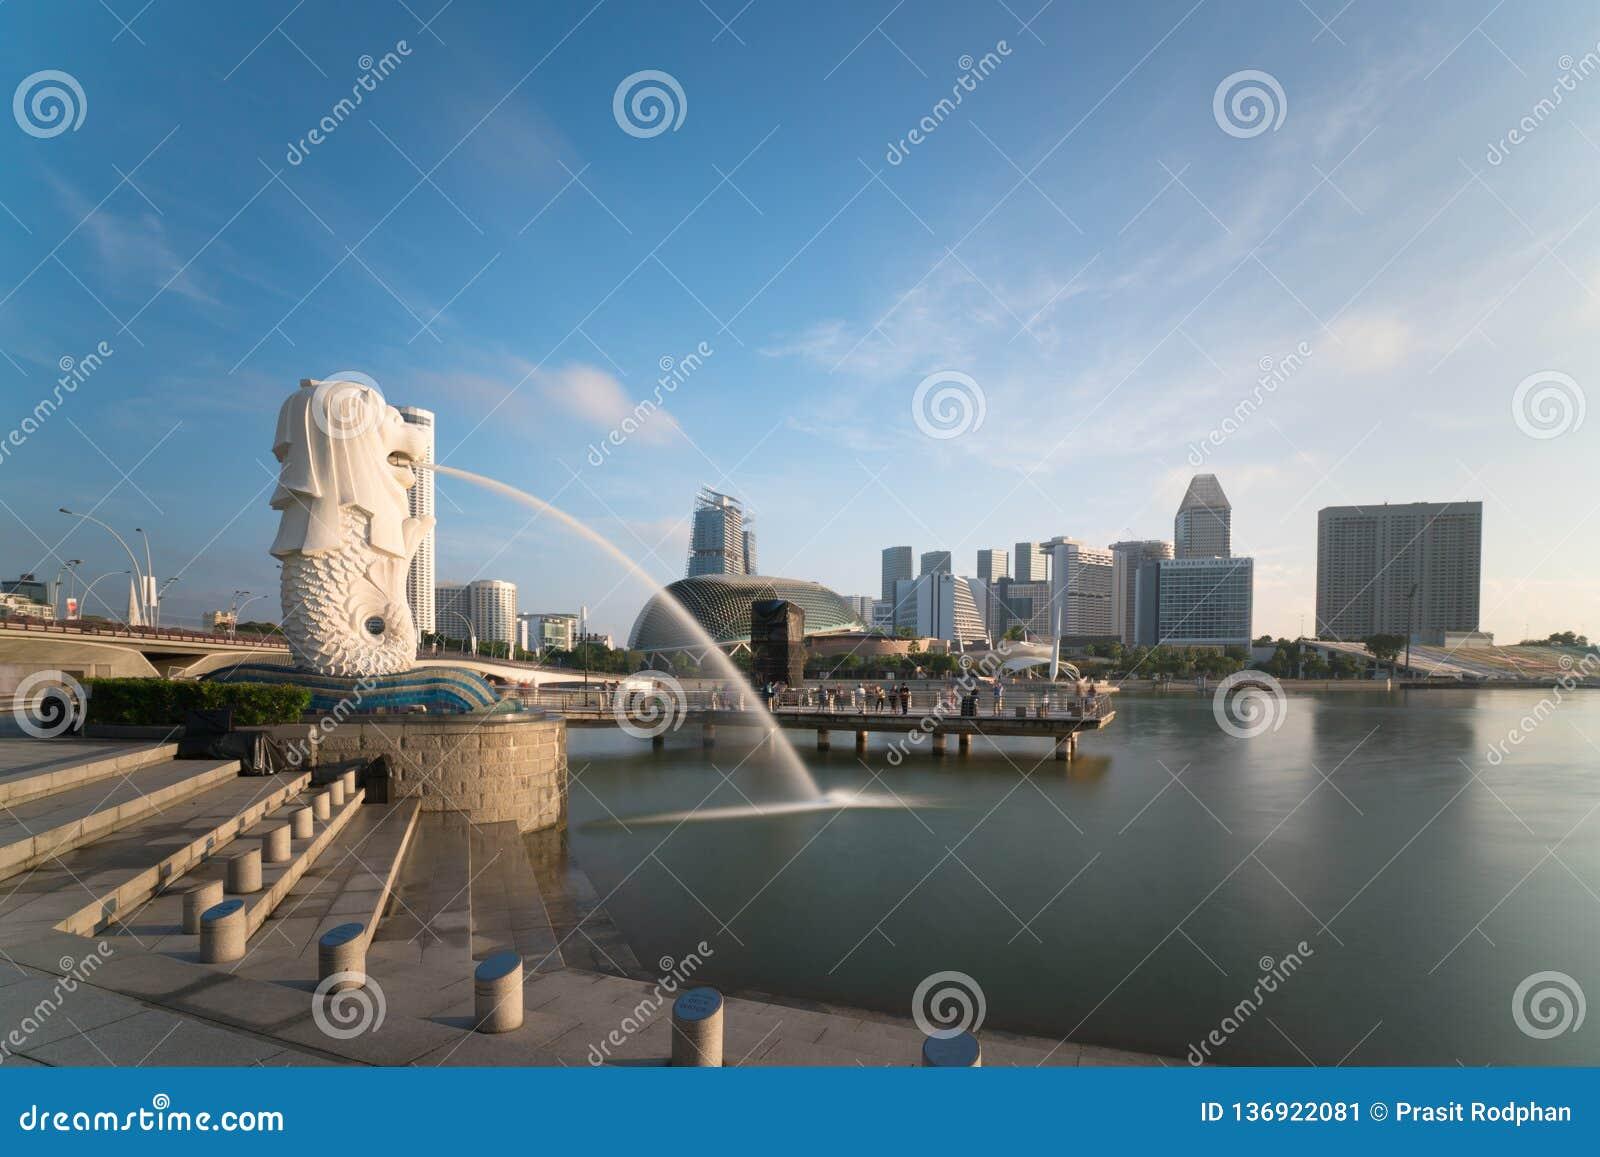 Horisont för Singapore affärsområde med soluppgång i morgon på Marina Bay, Singapore